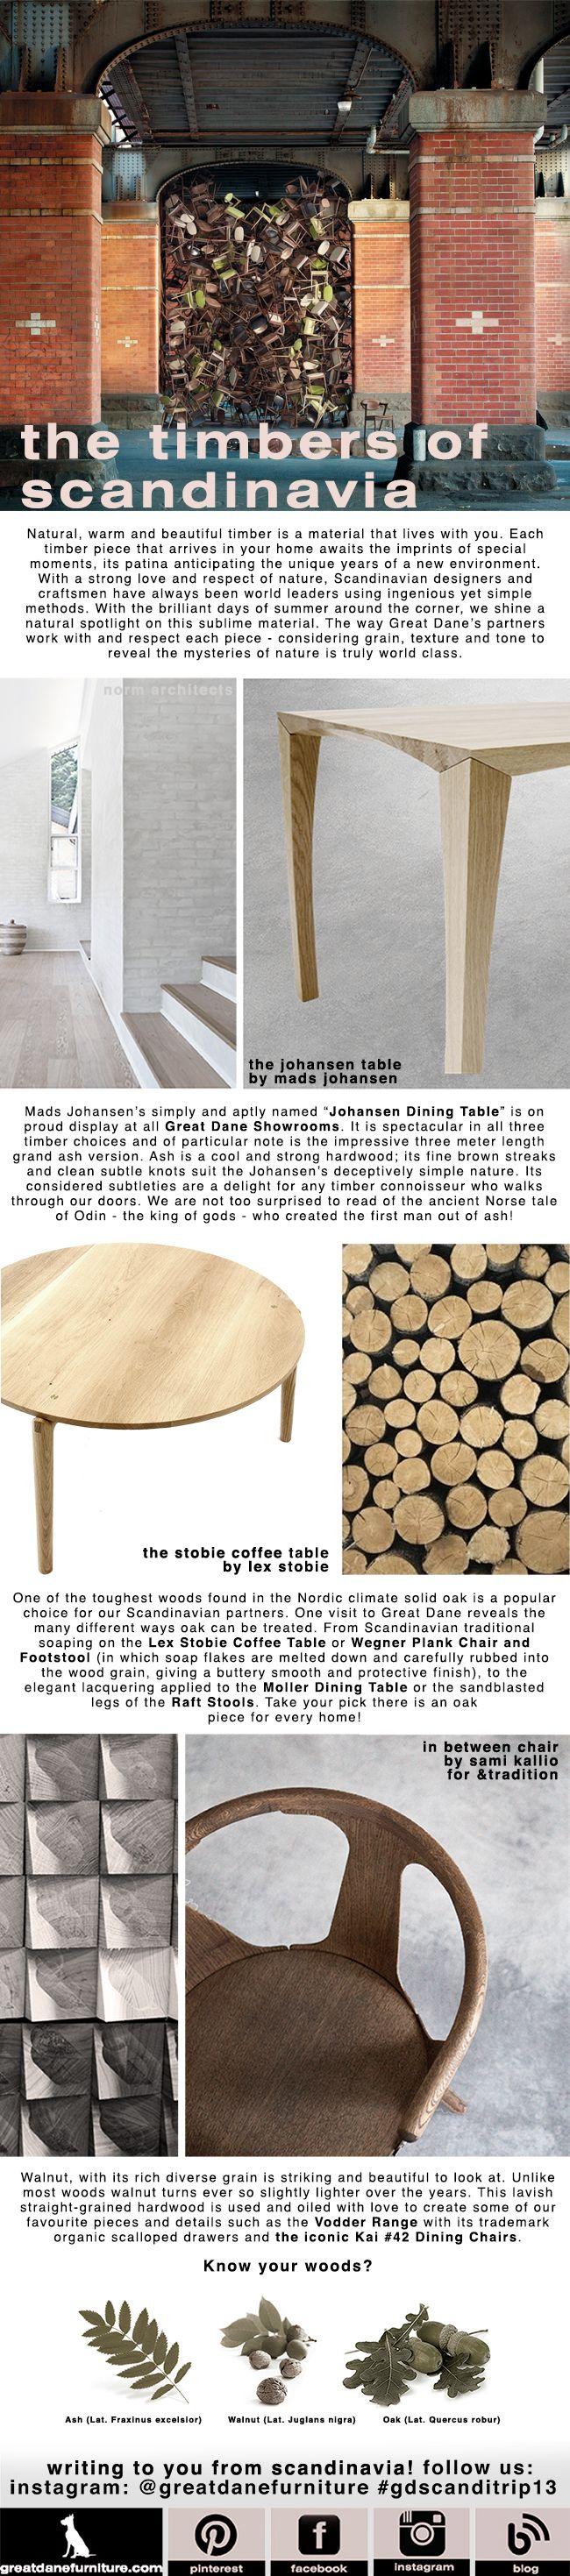 The Timbers of Scandinavia